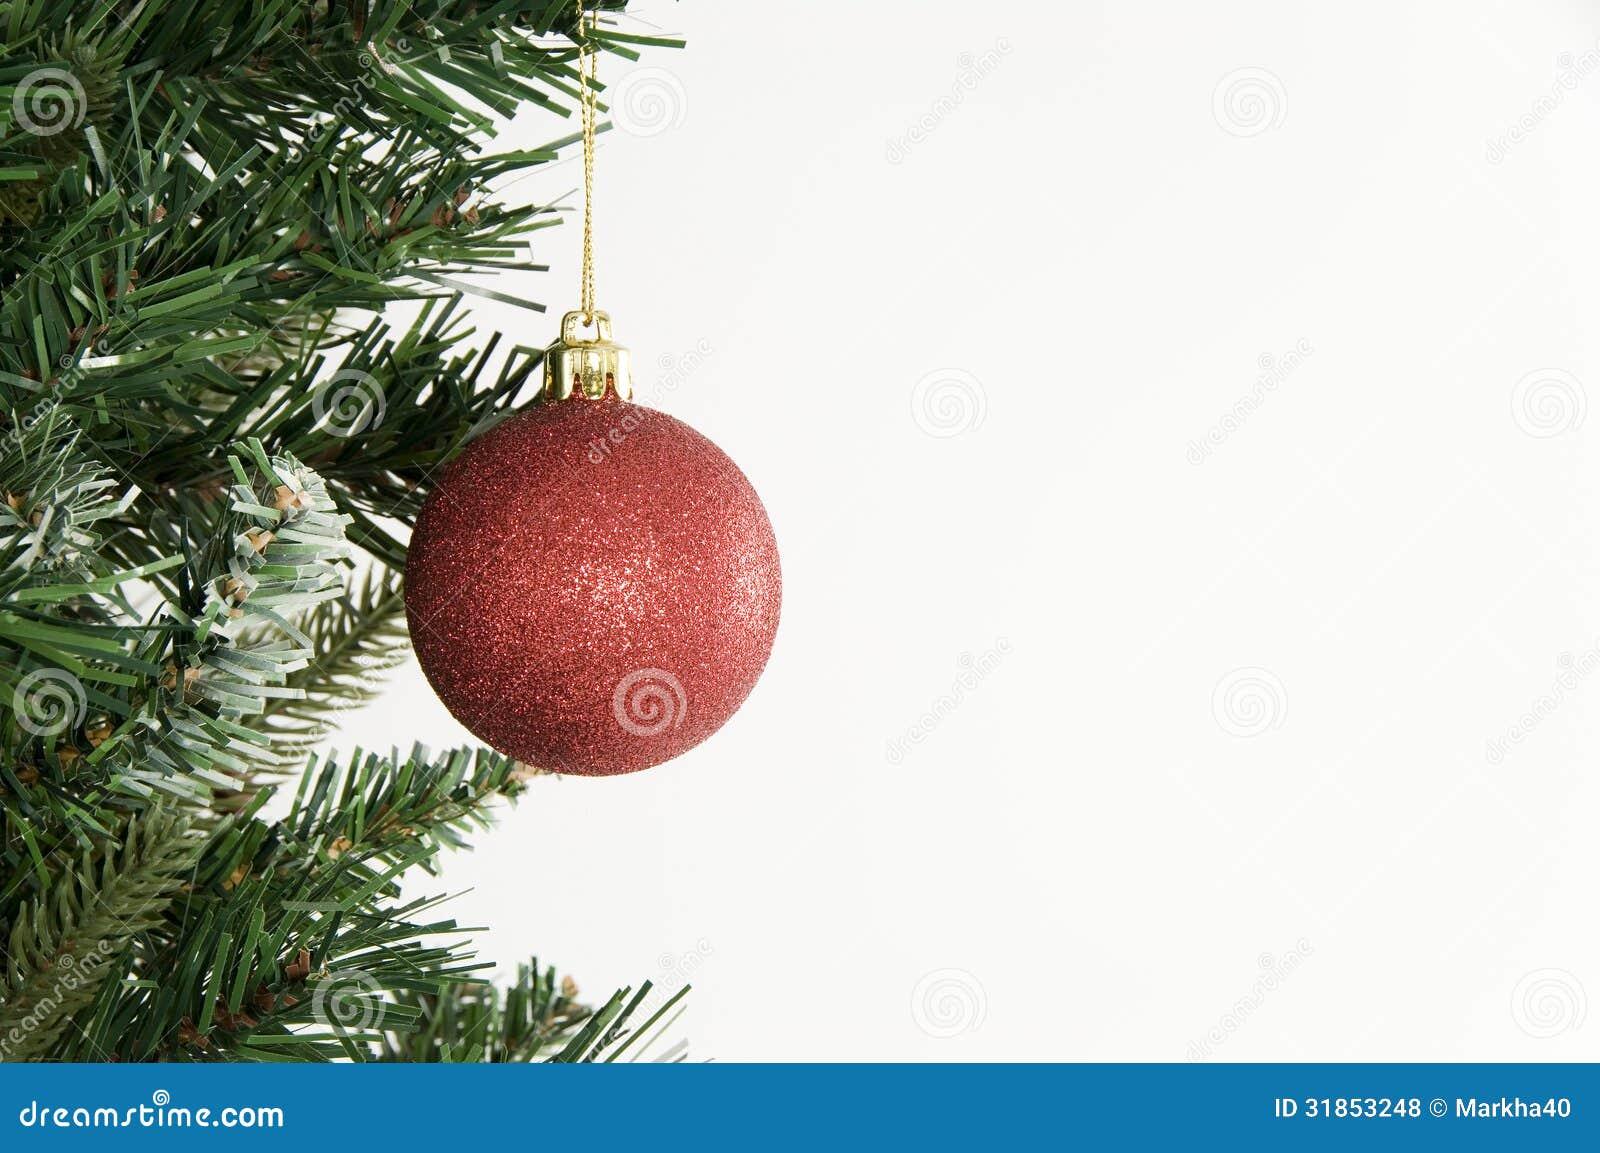 Rbol de navidad y ornamento rojo en el fondo blanco foto - Arbol de navidad blancos ...